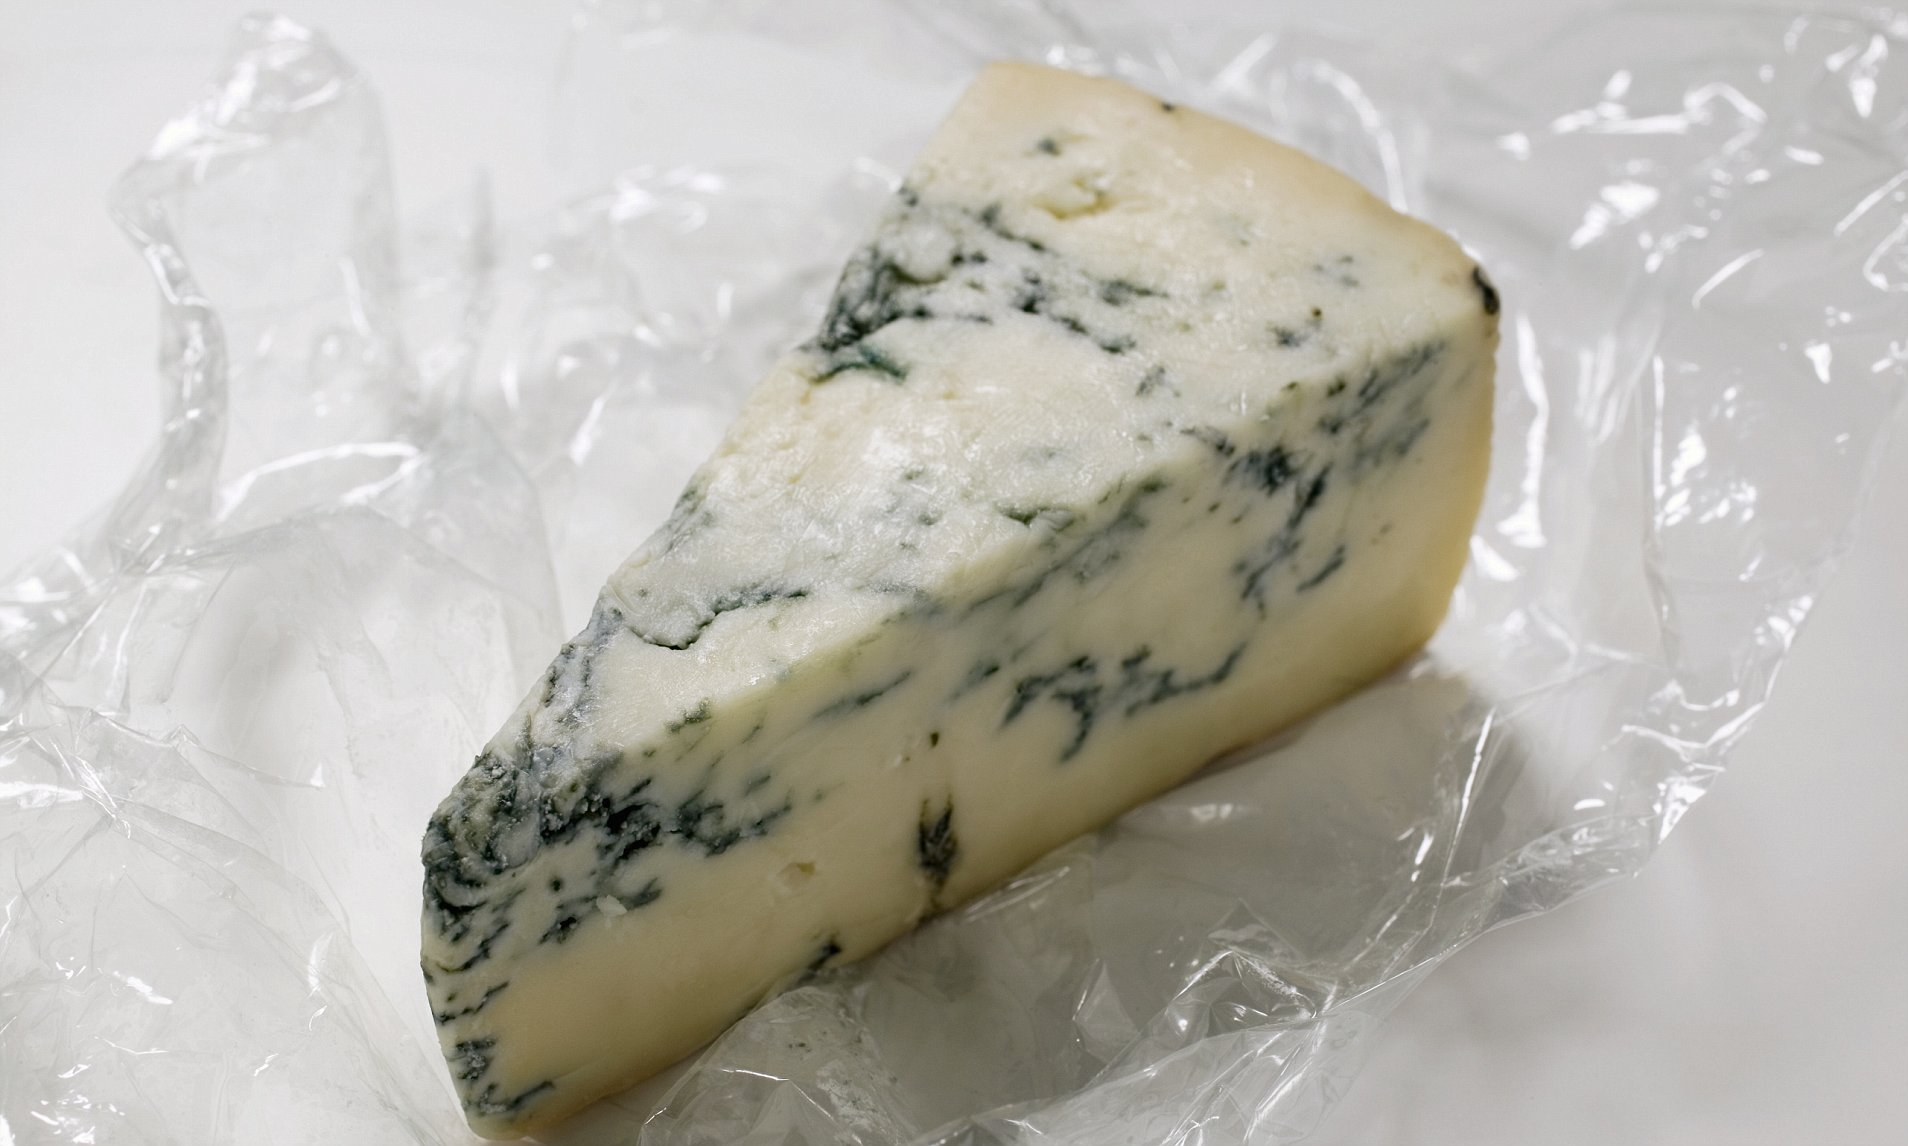 Безопасно ли есть голубой сыр (с плесенью) и можно ли его сделать дома